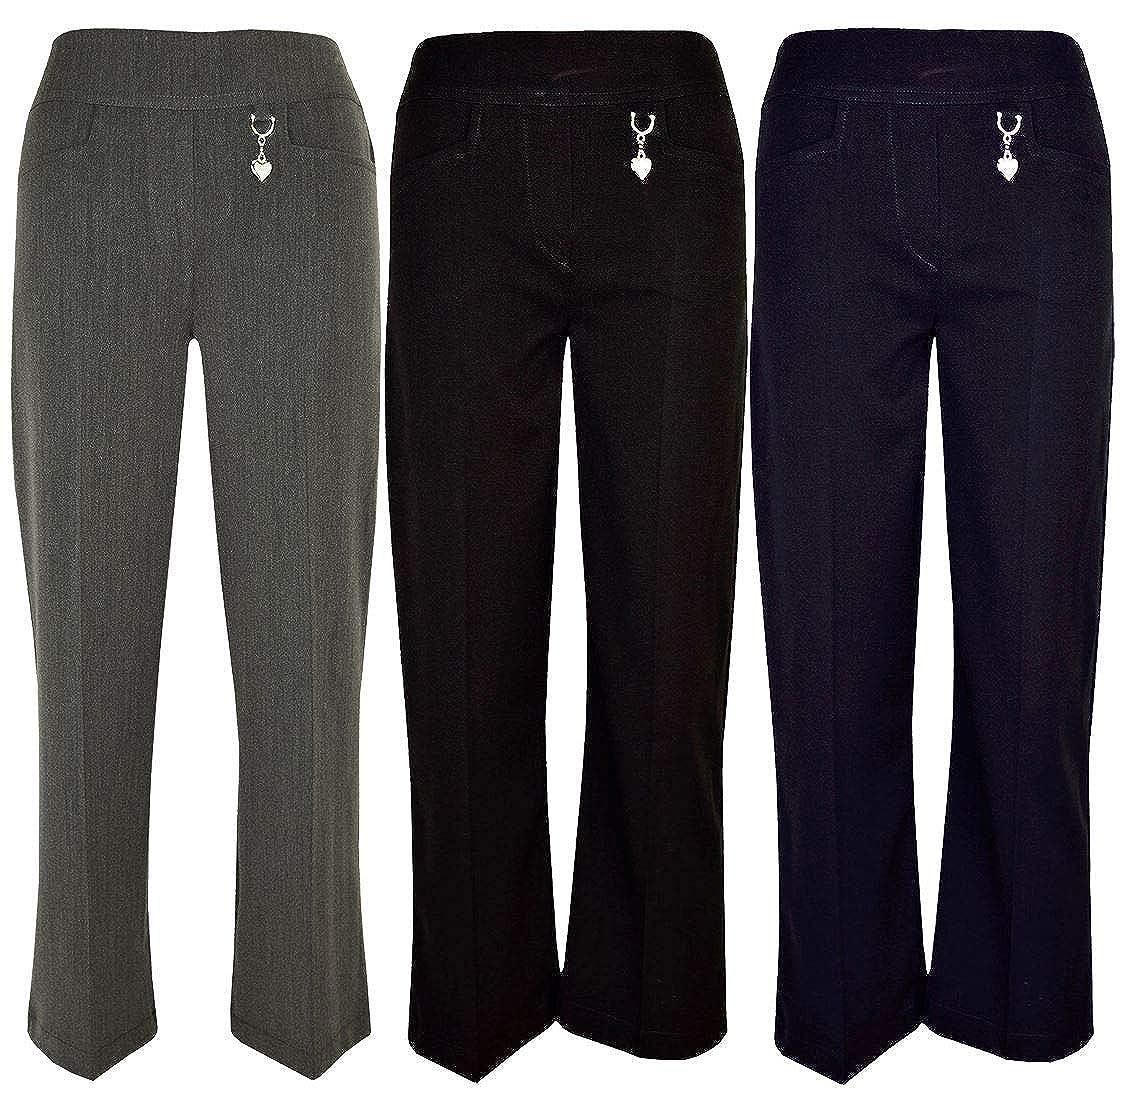 MA ONLINE Kids Elasticated Back Heart Buckle Trousers Girls School Wear Adjustable Waist Pants 2-16 Years